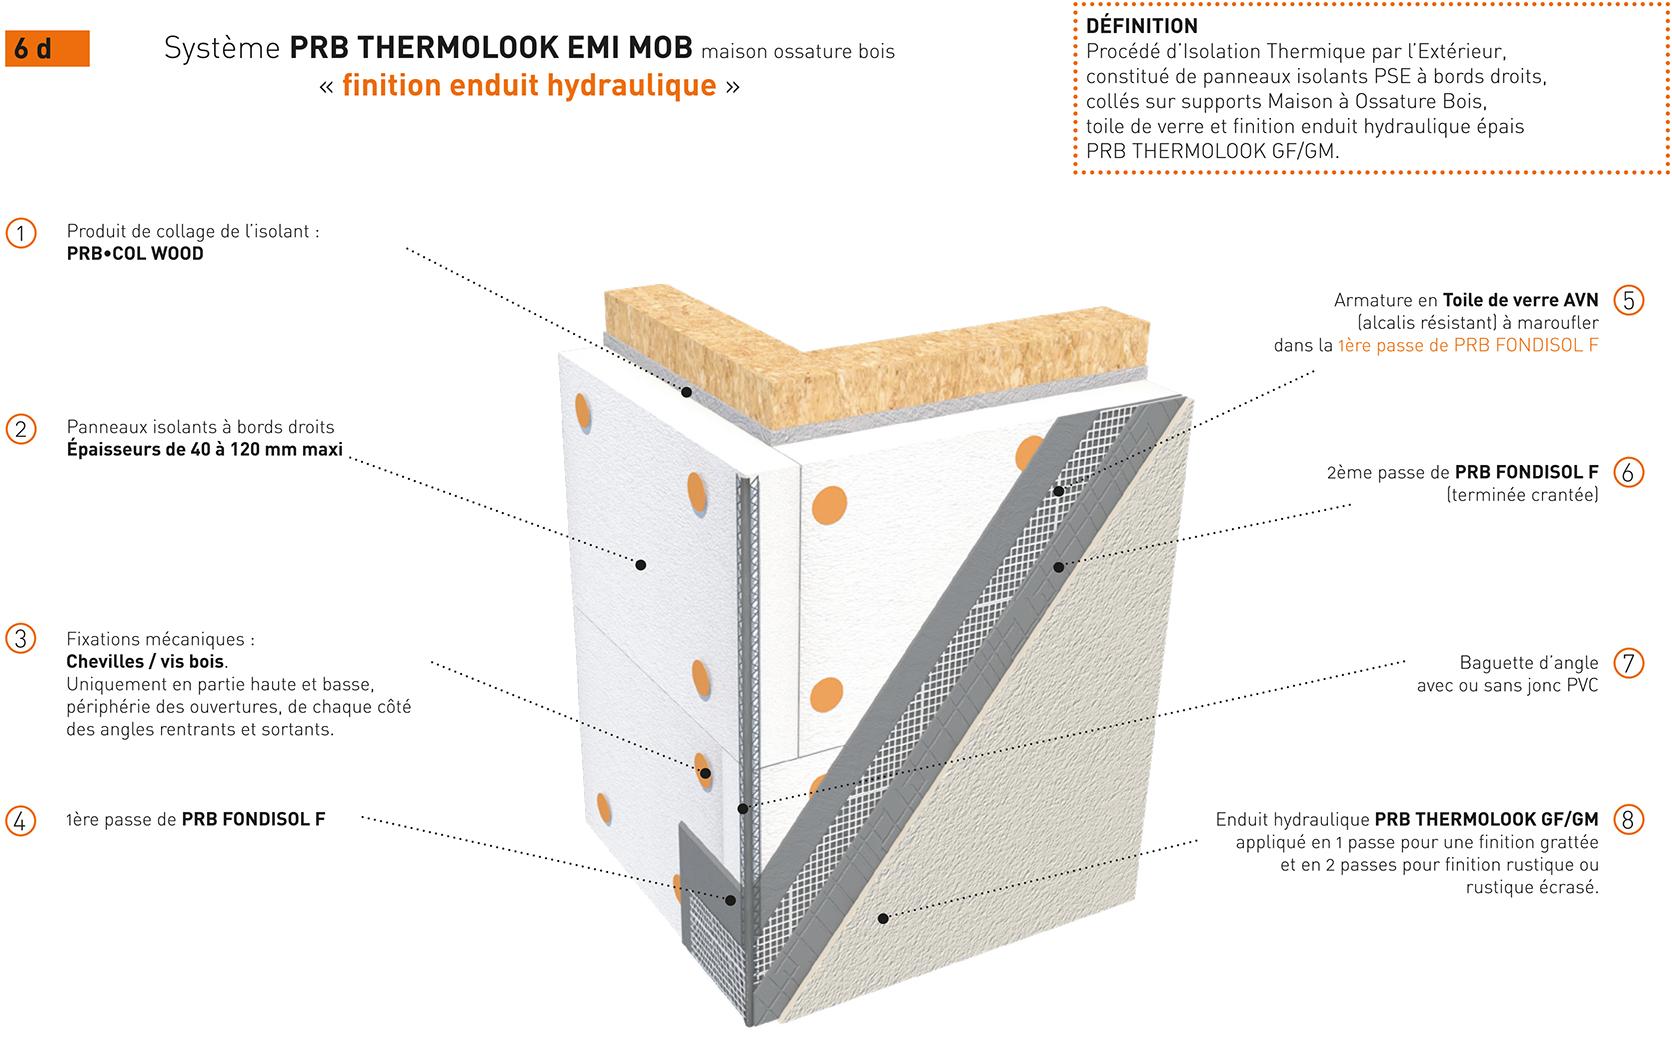 Syst me prb thermolook emi mob variante finition enduit hydraulique - Type d enduit exterieur ...